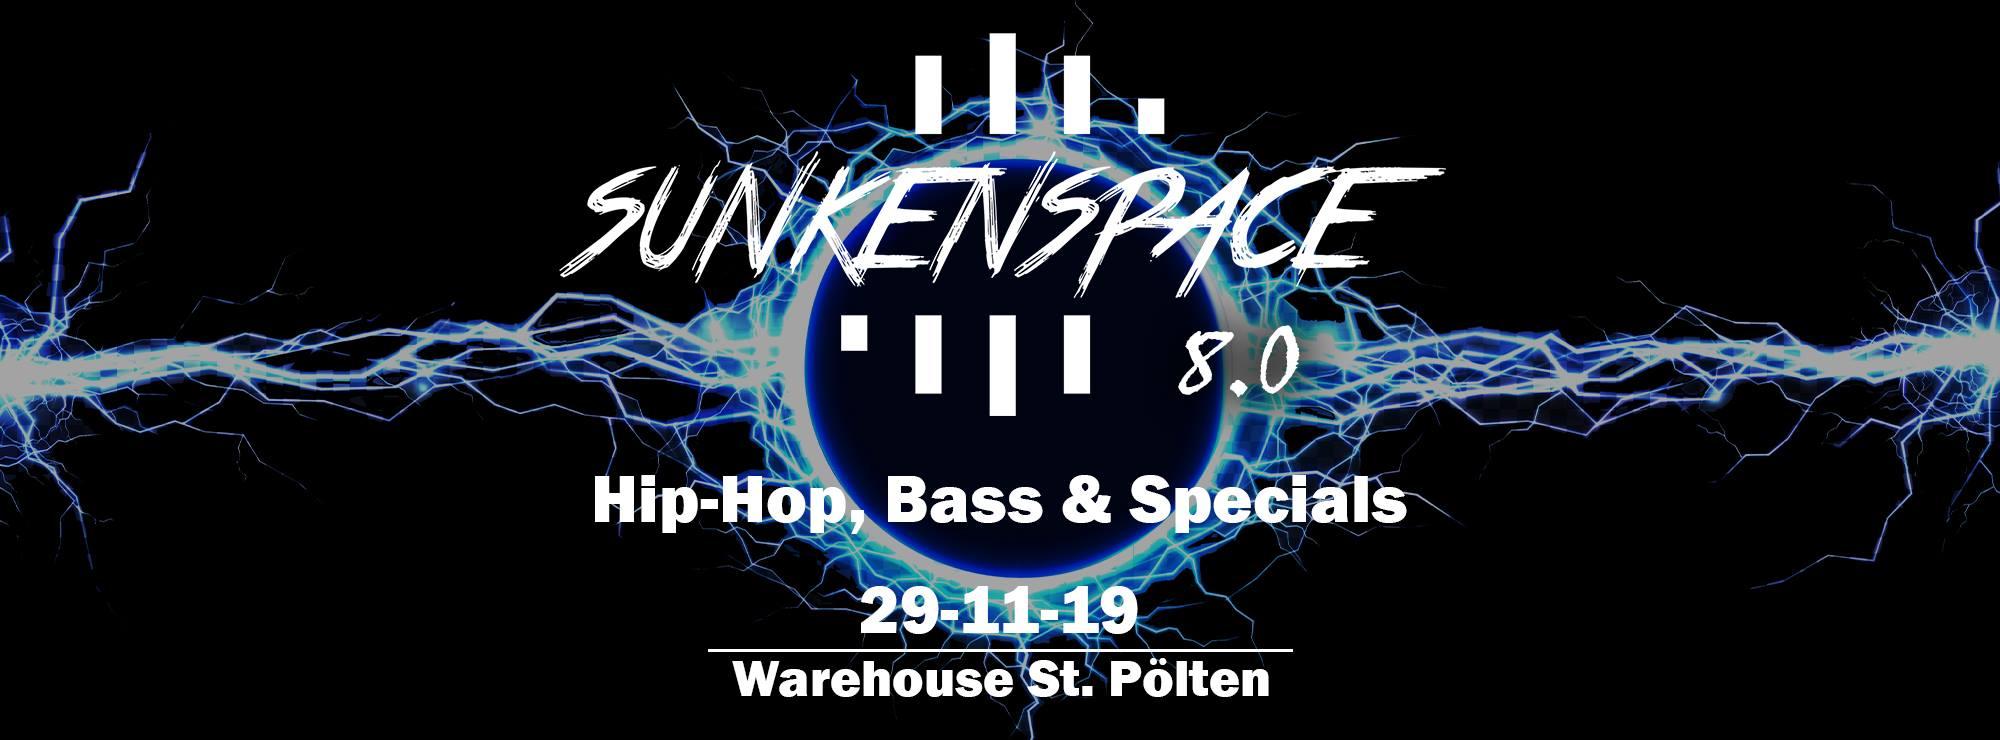 Sunkenspace 8.0